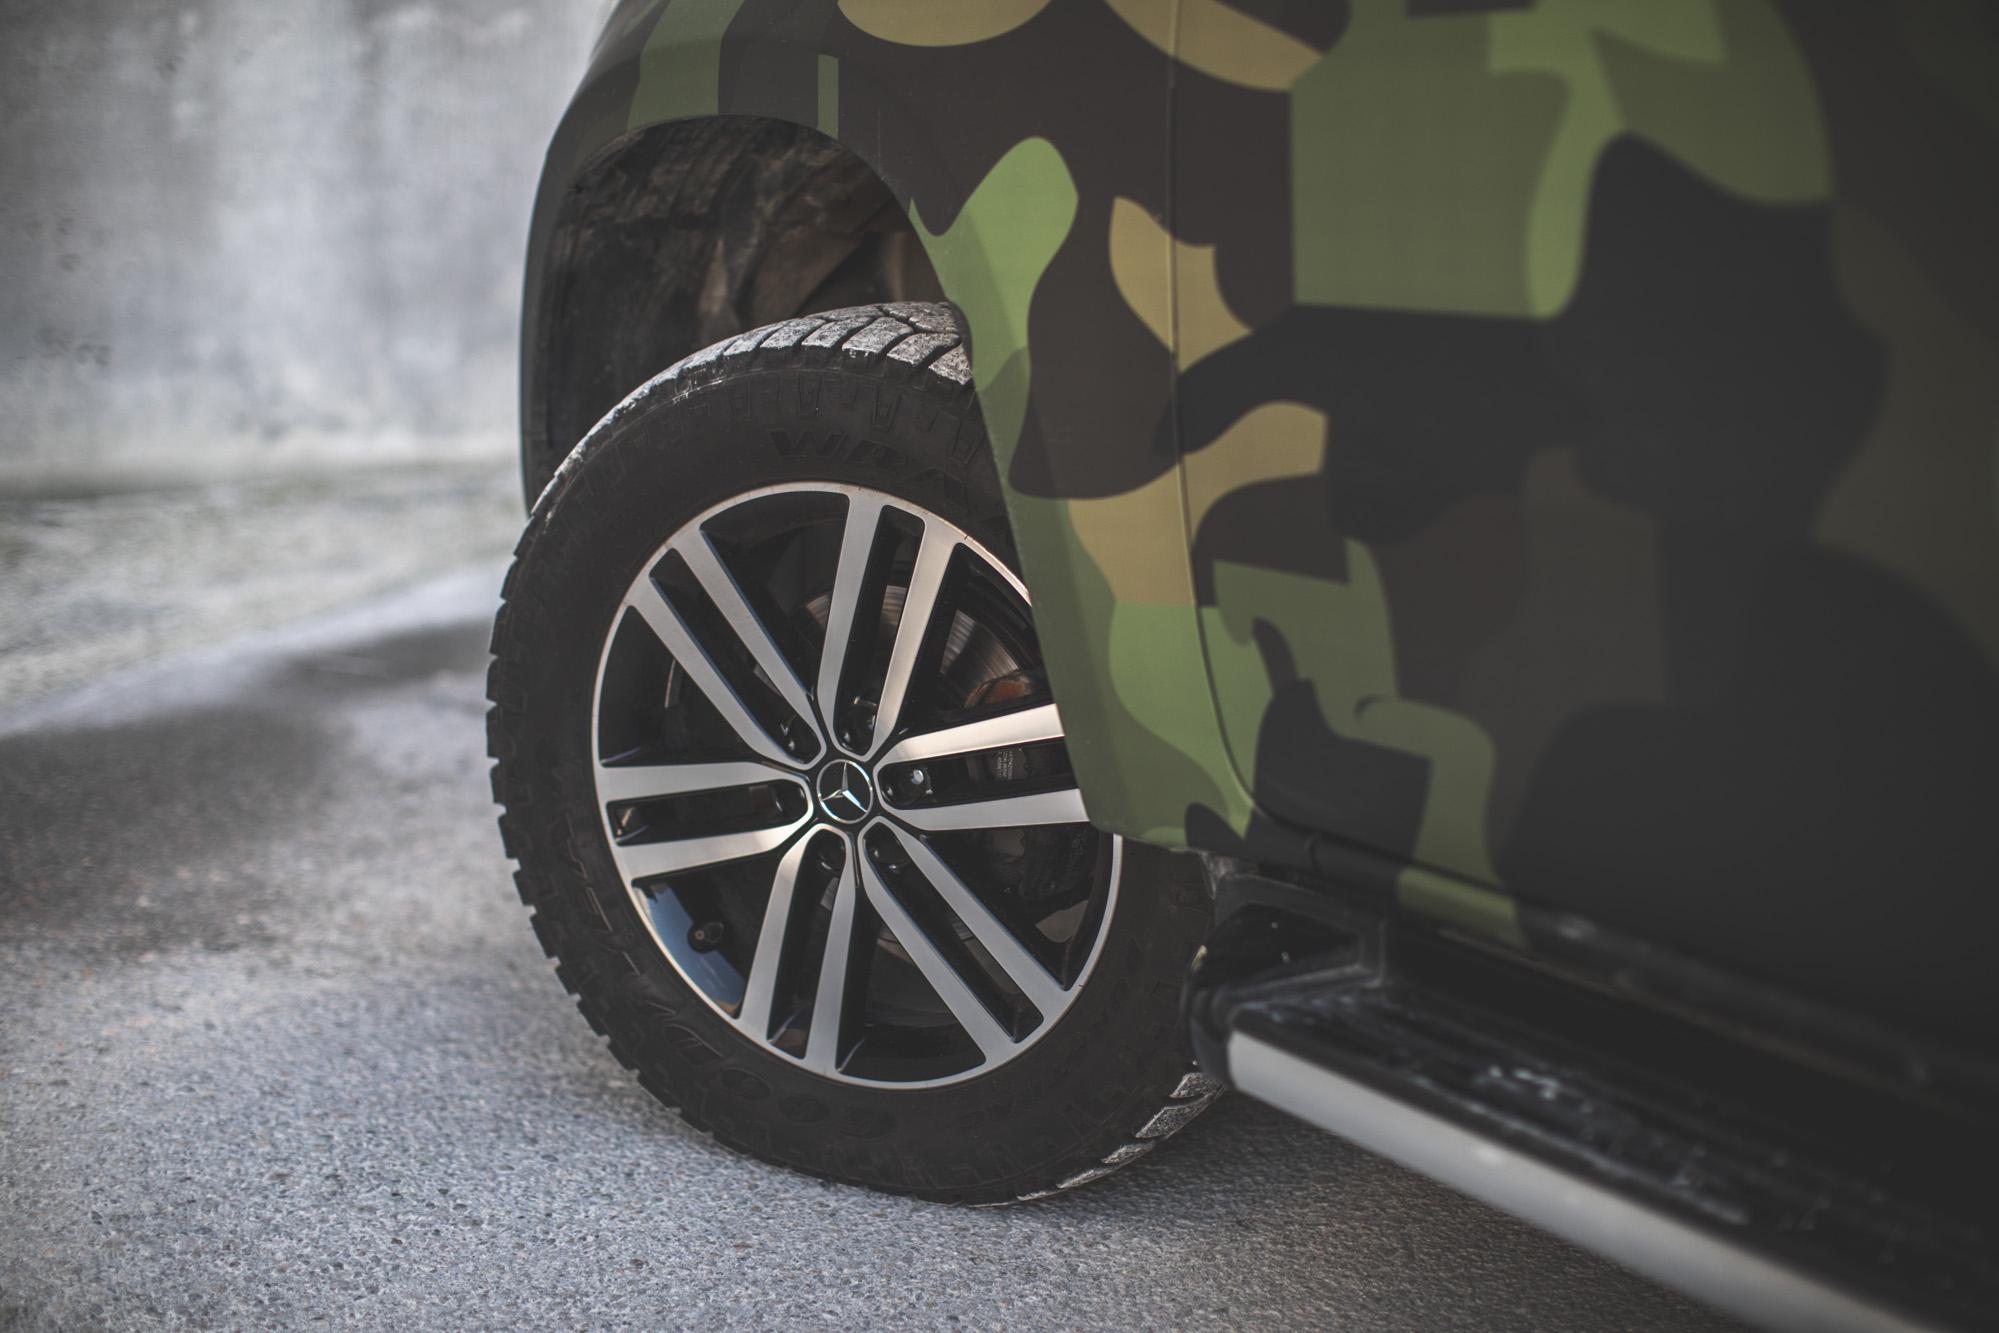 Mercedes_X-class_21_Lars_Krogsgaard.jpg